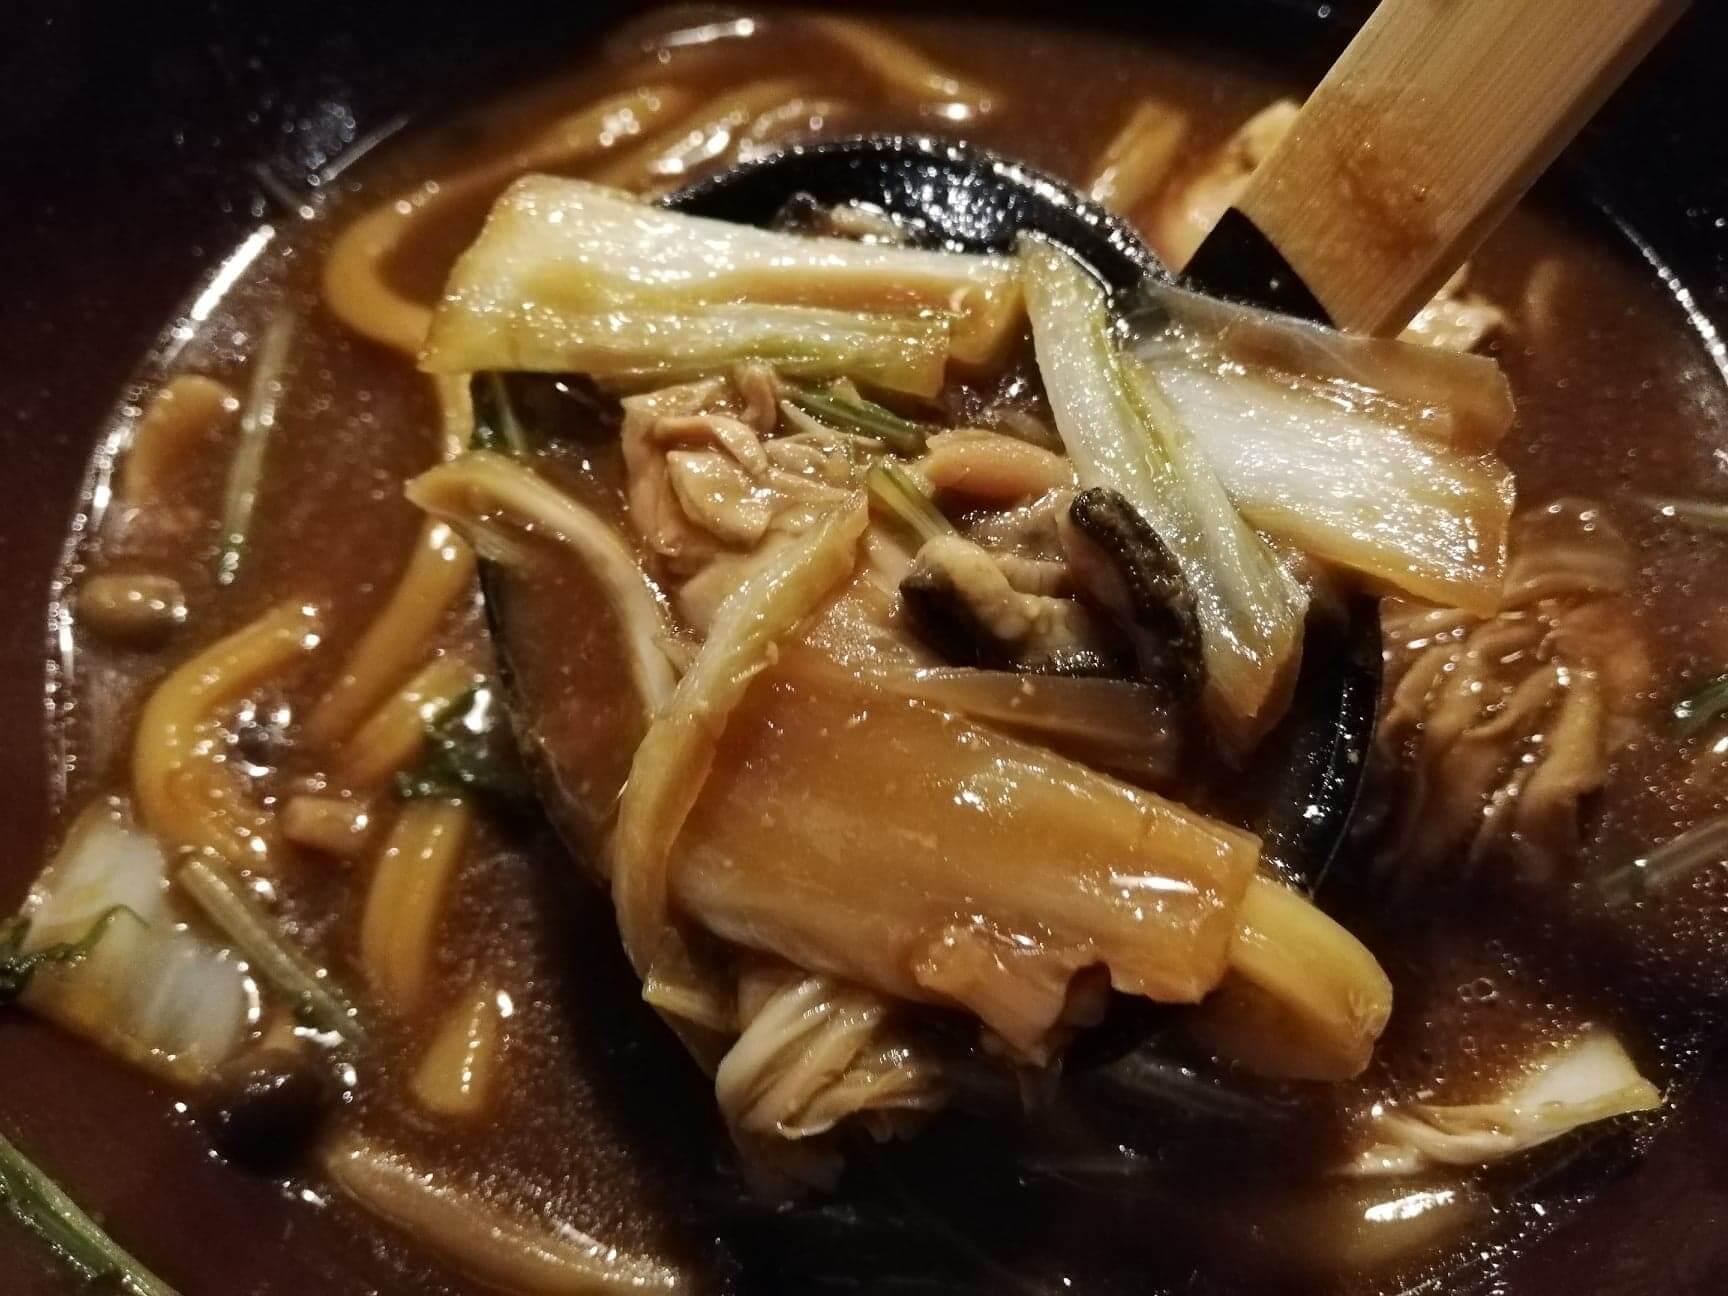 広島県の前空駅『田舎茶屋わたや大野店』の白菜の写真